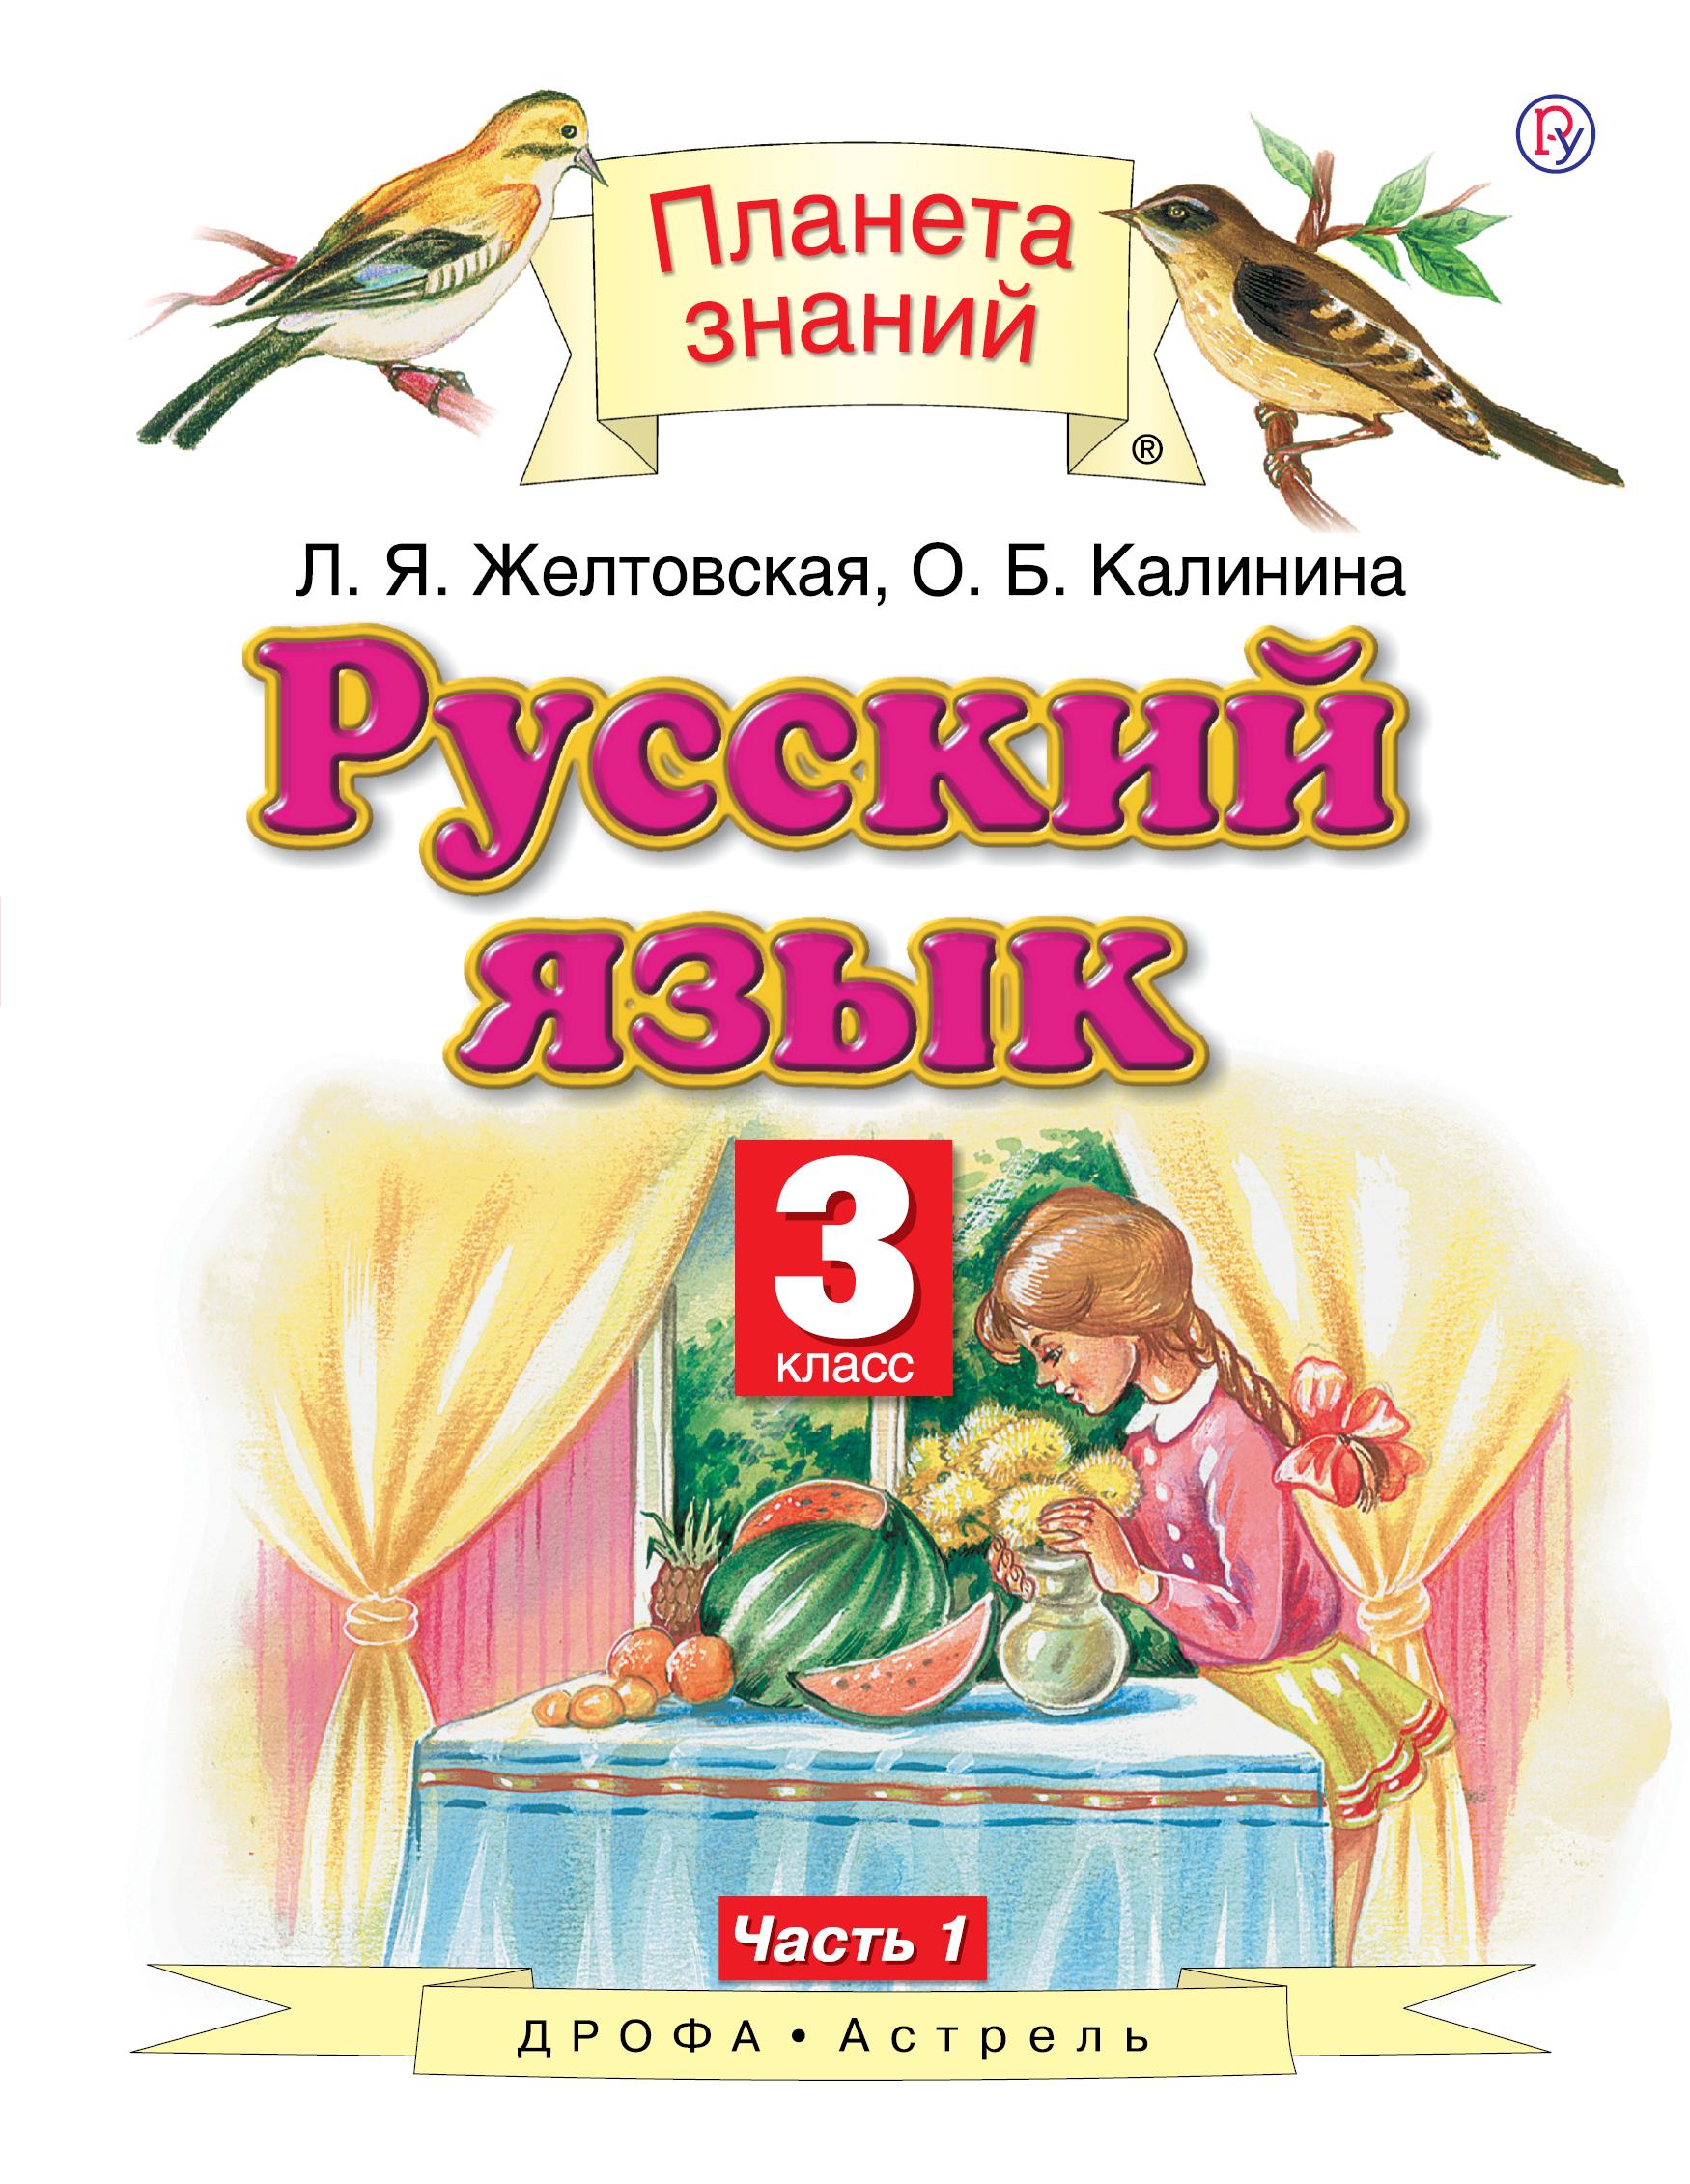 Л. Я. Желтовская,О. Б. Калинина Русский язык. 3 класс. Учебник. В 2-х частях. Часть 1